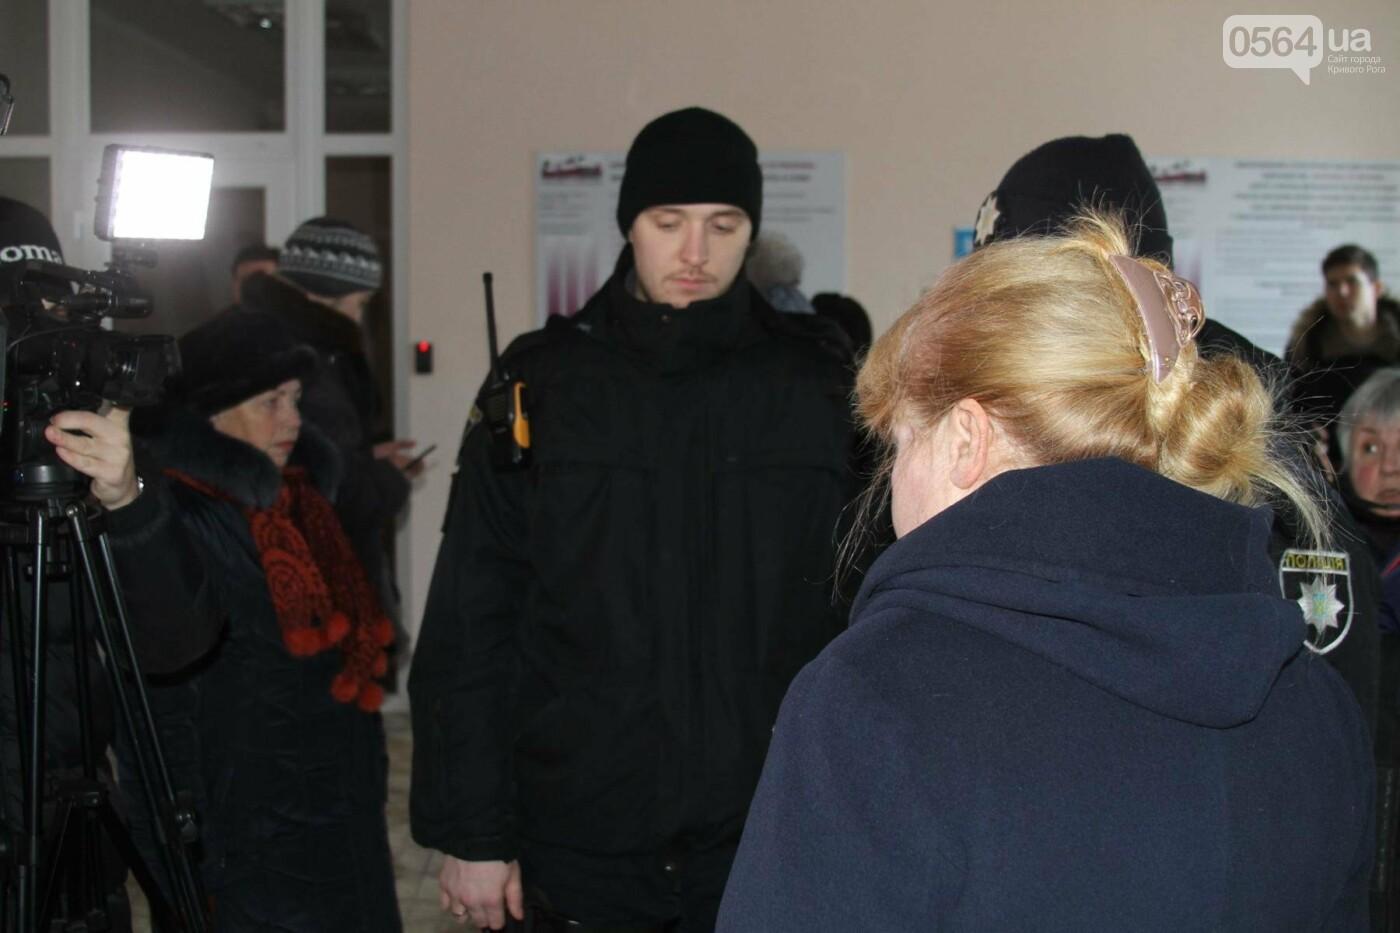 В Кривом Роге сотрудники КПВС митингуют, опасаясь, что город останется без воды  (ФОТО, ВИДЕО), фото-12